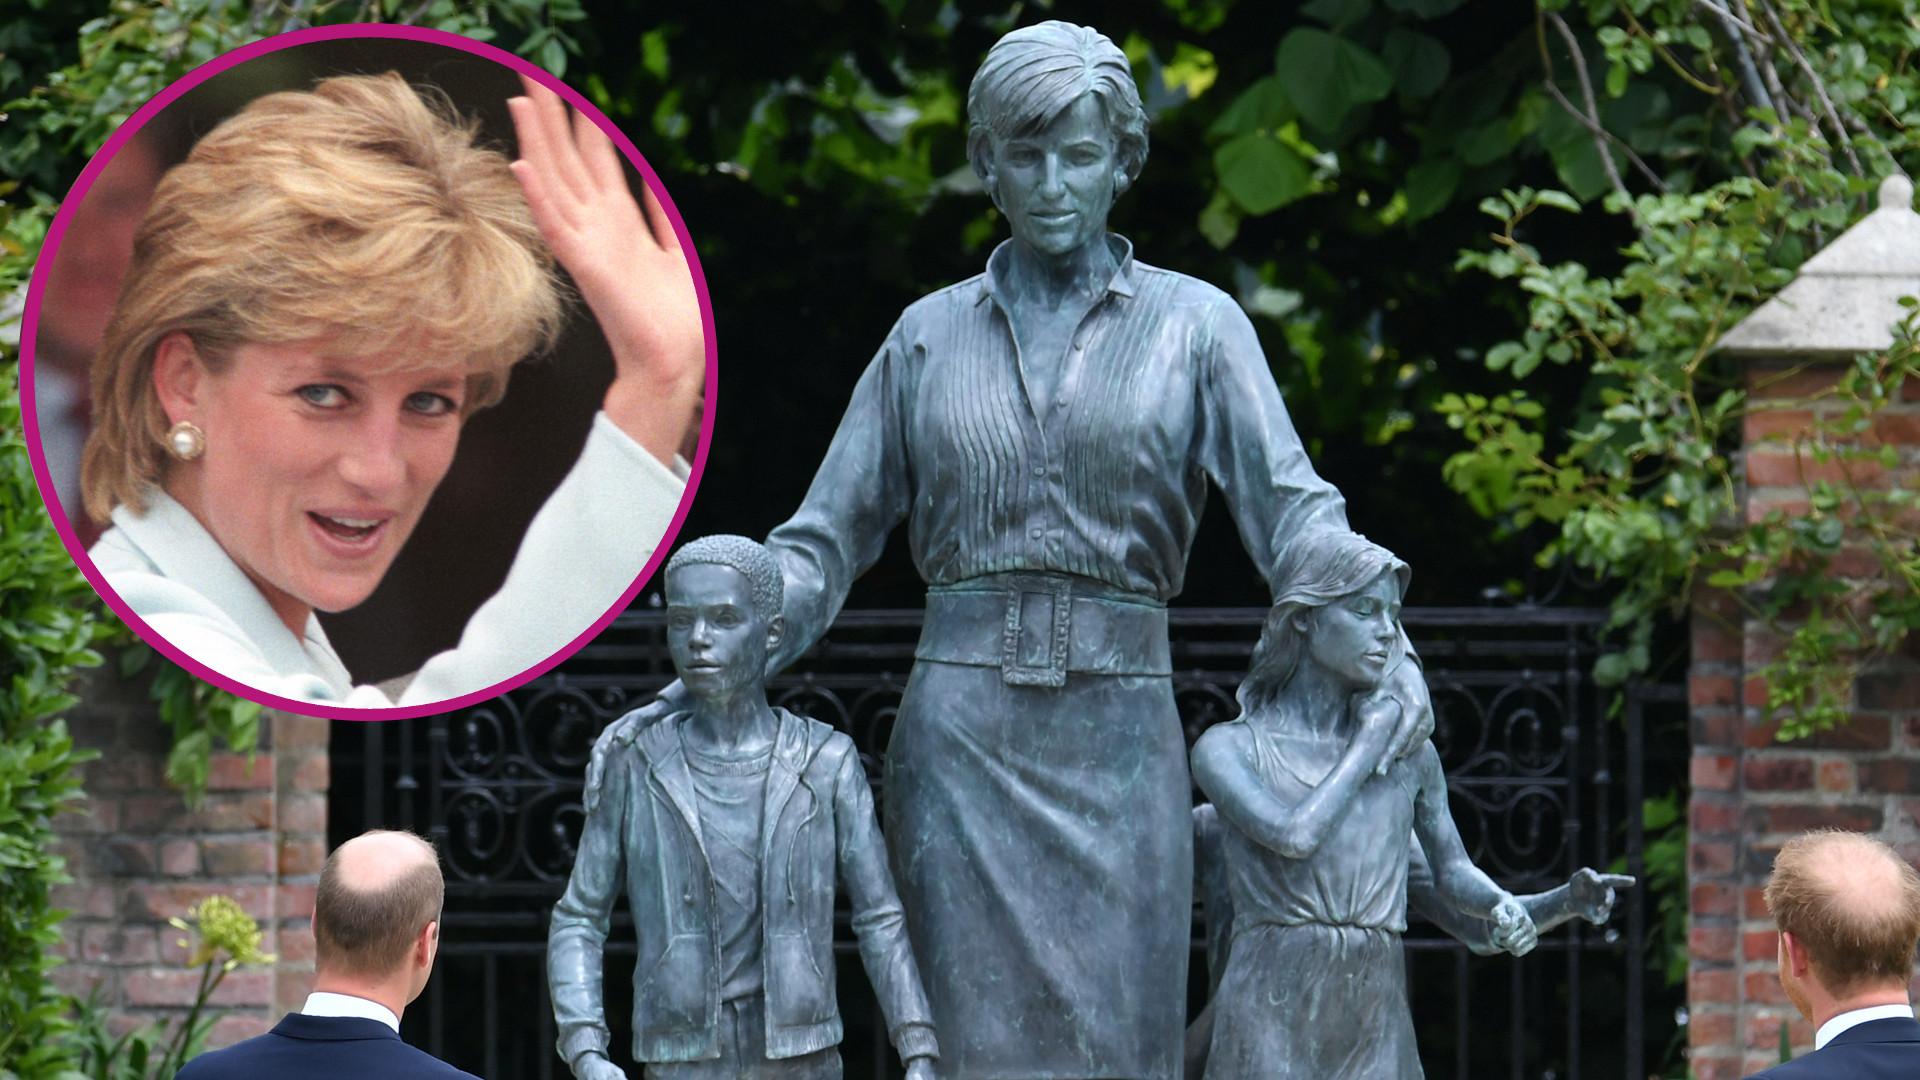 """Internauci MIAŻDŻĄ pomnik księżnej Diany: """"Ona tak nie wyglądała"""""""